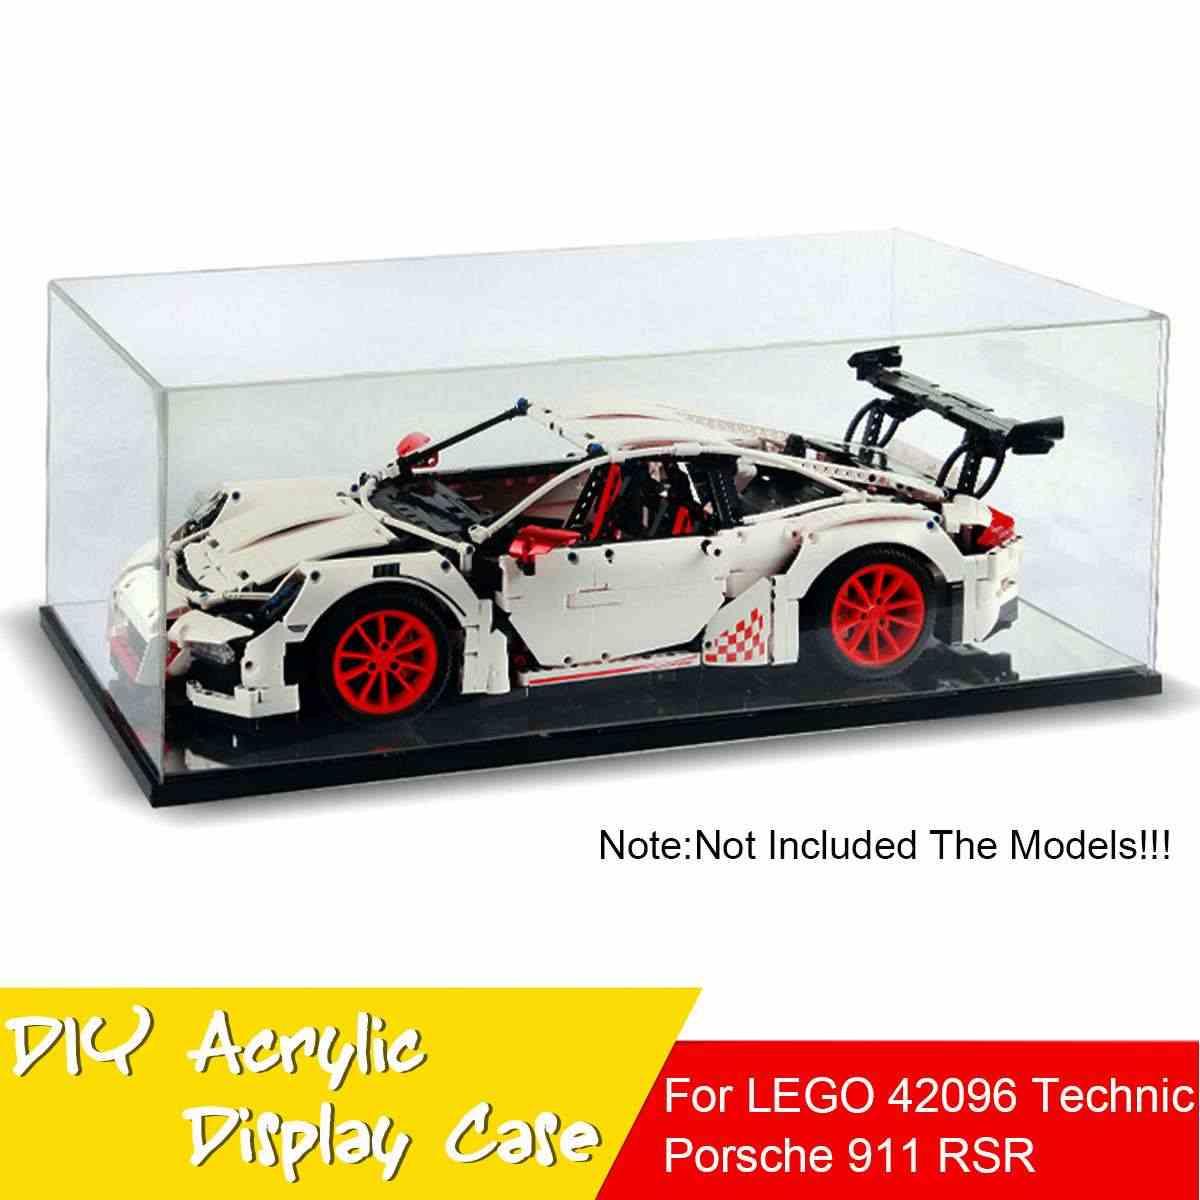 Pojemnik akrylowy pudełko na Lego 42056 dla Bugatti Chiron dla Porsche 911 GT3 RS dla Technic serii klocki (bez modelu)